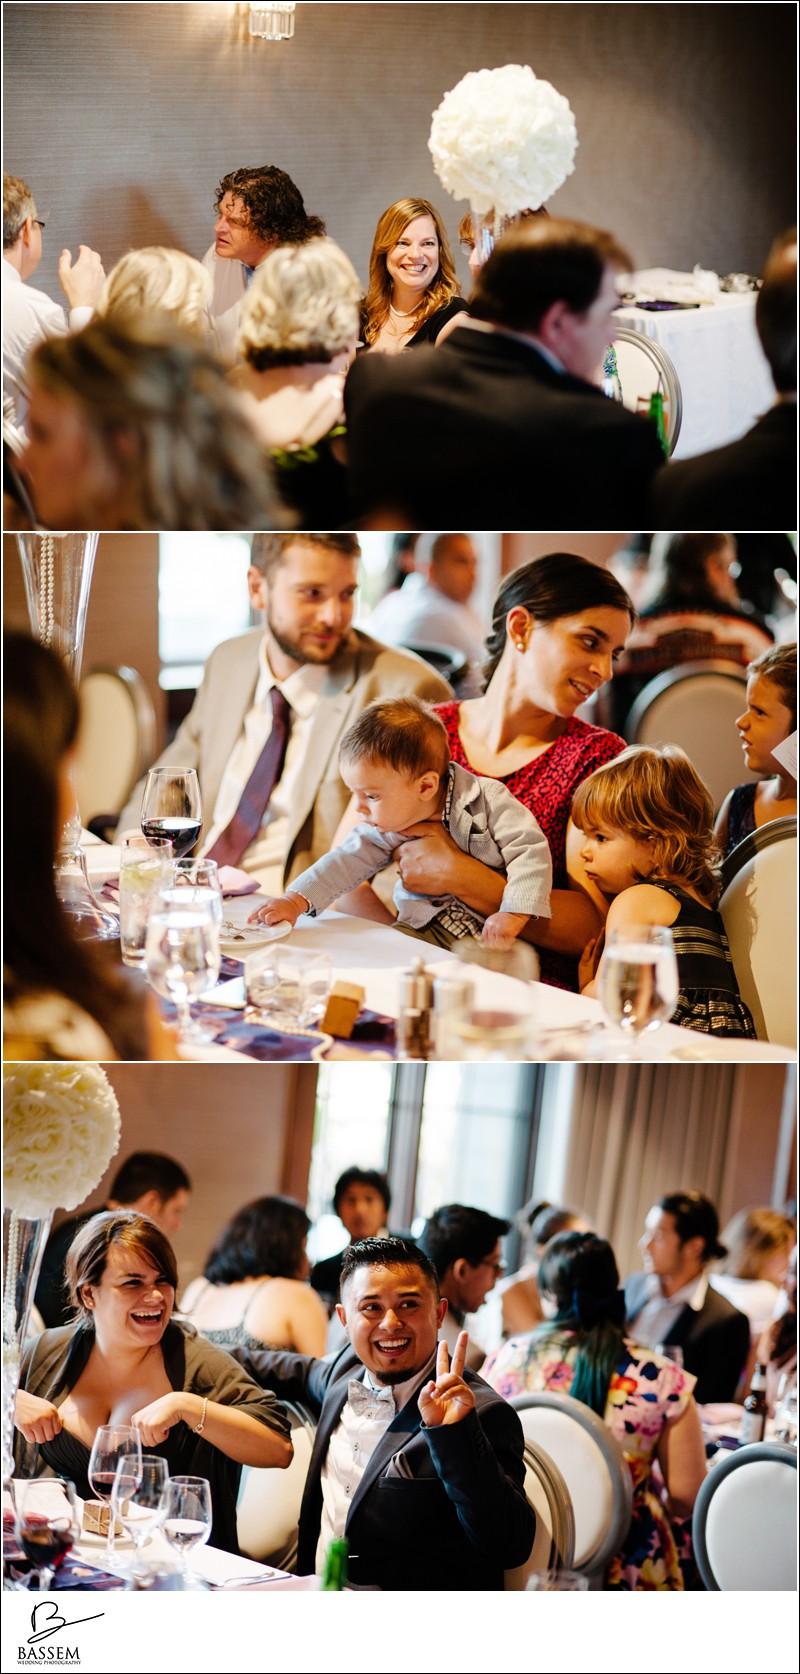 whistle-bear-golf-club-wedding-bassem-147